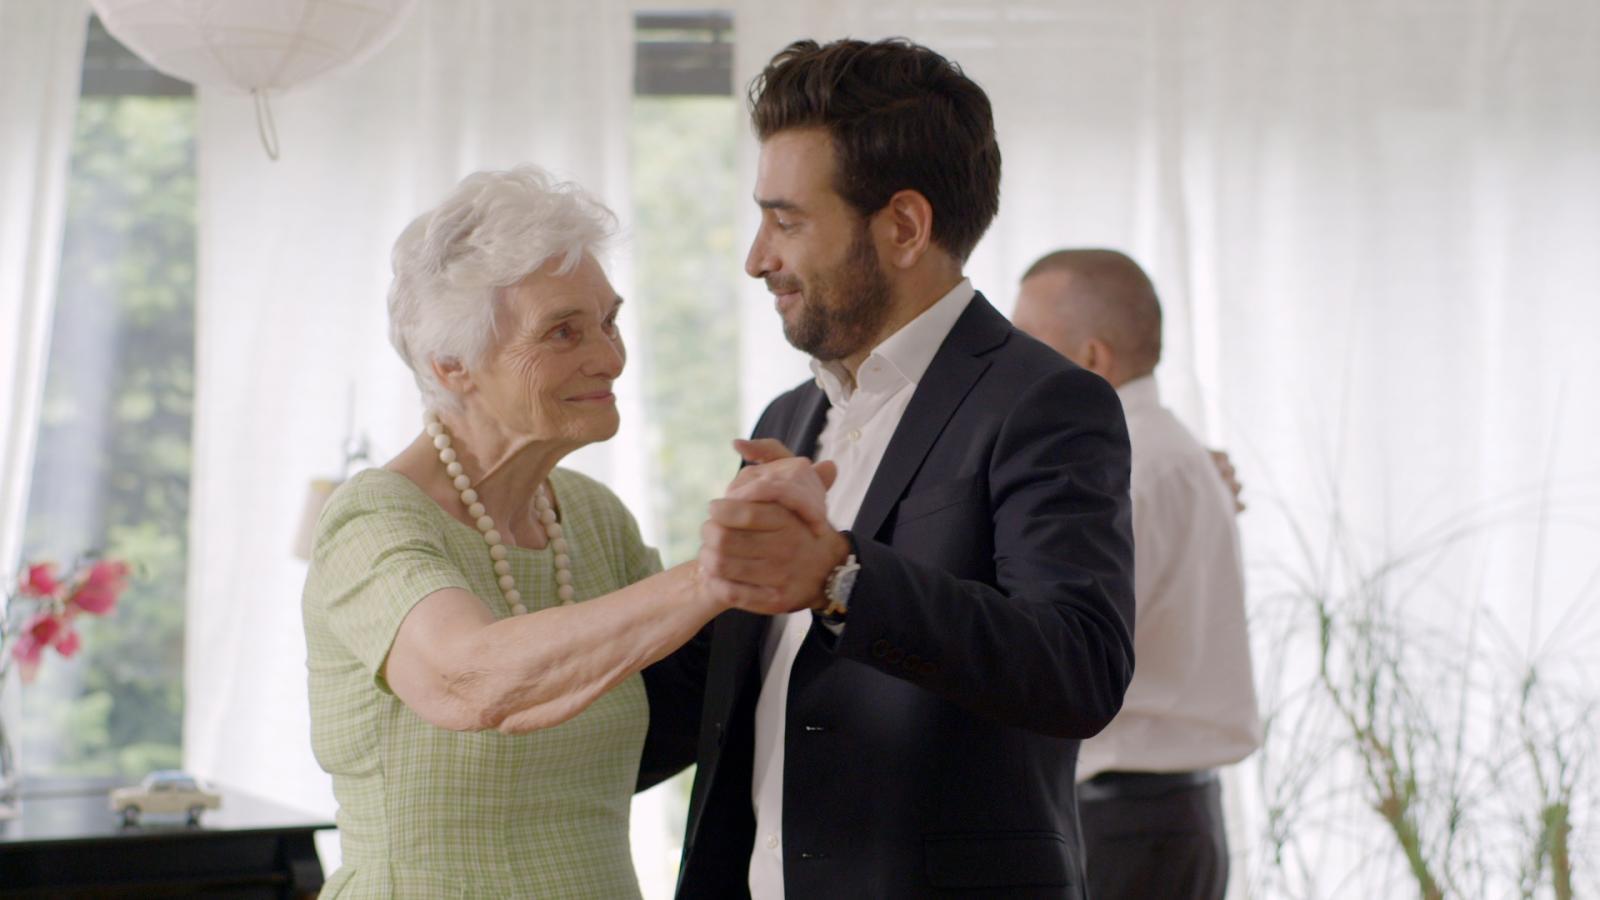 Ova je kampanja dio programa Superseniori, kojem je cilj prikupiti sredstva za podizanje kvalitete života starijih osoba te njihovo uključivanje u zajednicu.